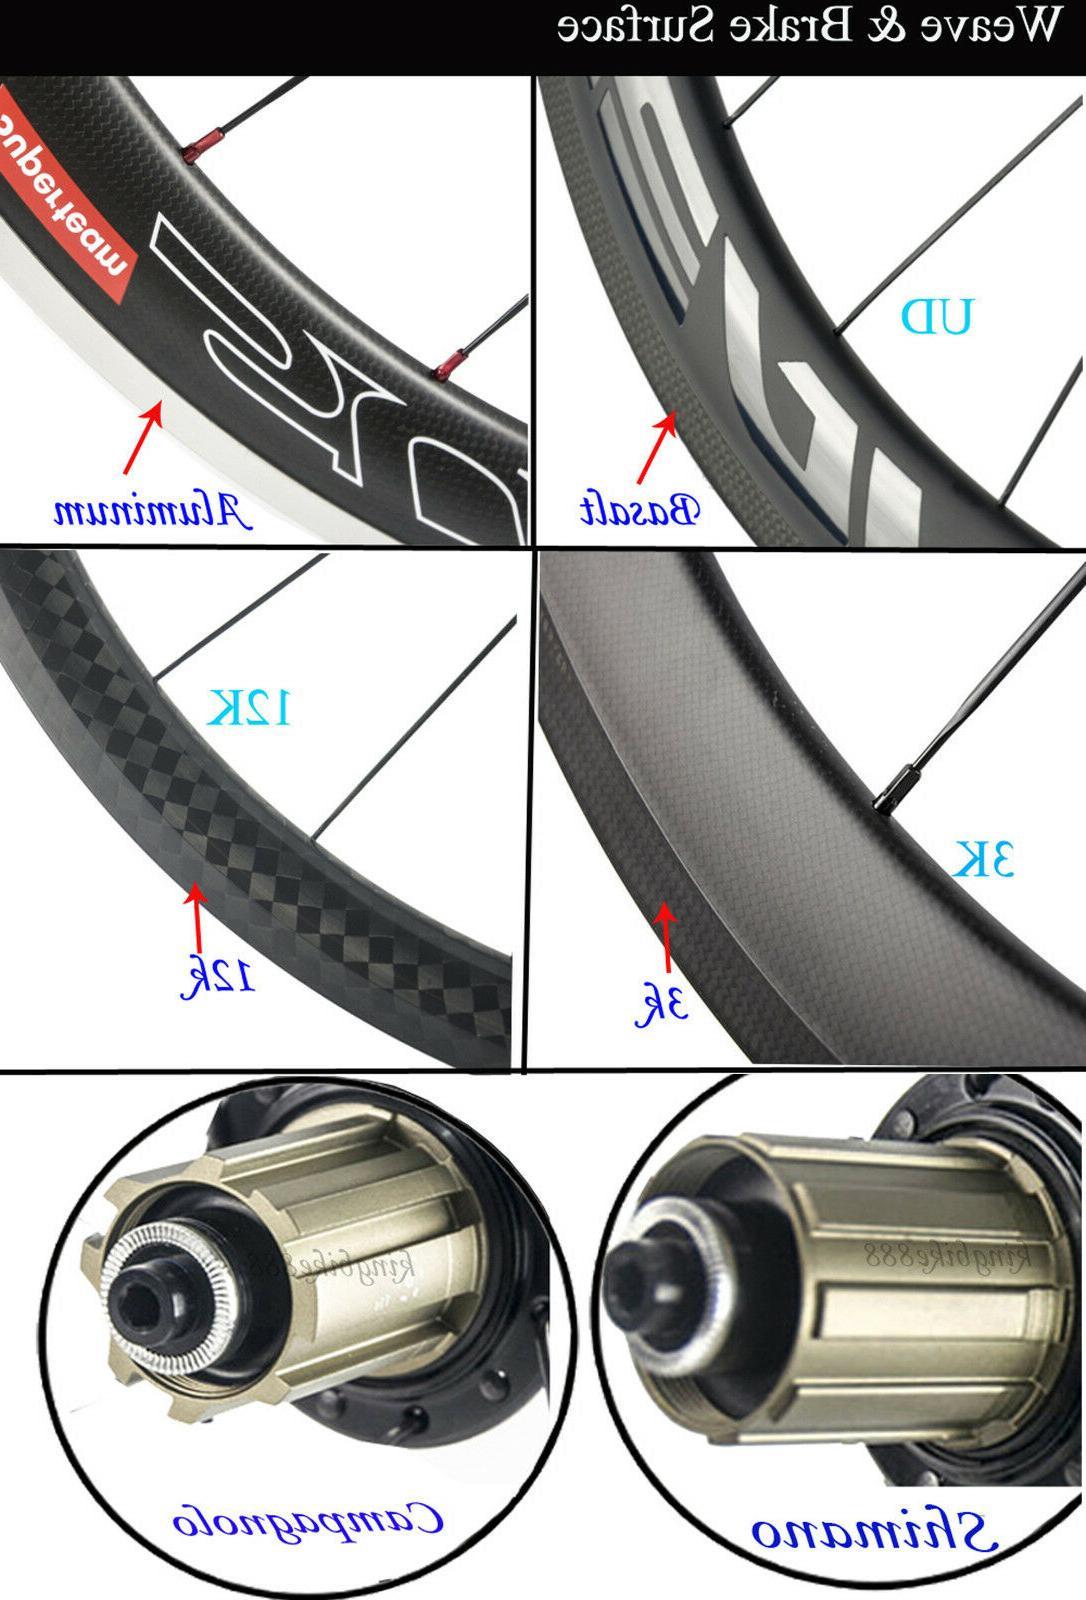 Superteam Wheels 50mm Road Carbon Wheelset 3k